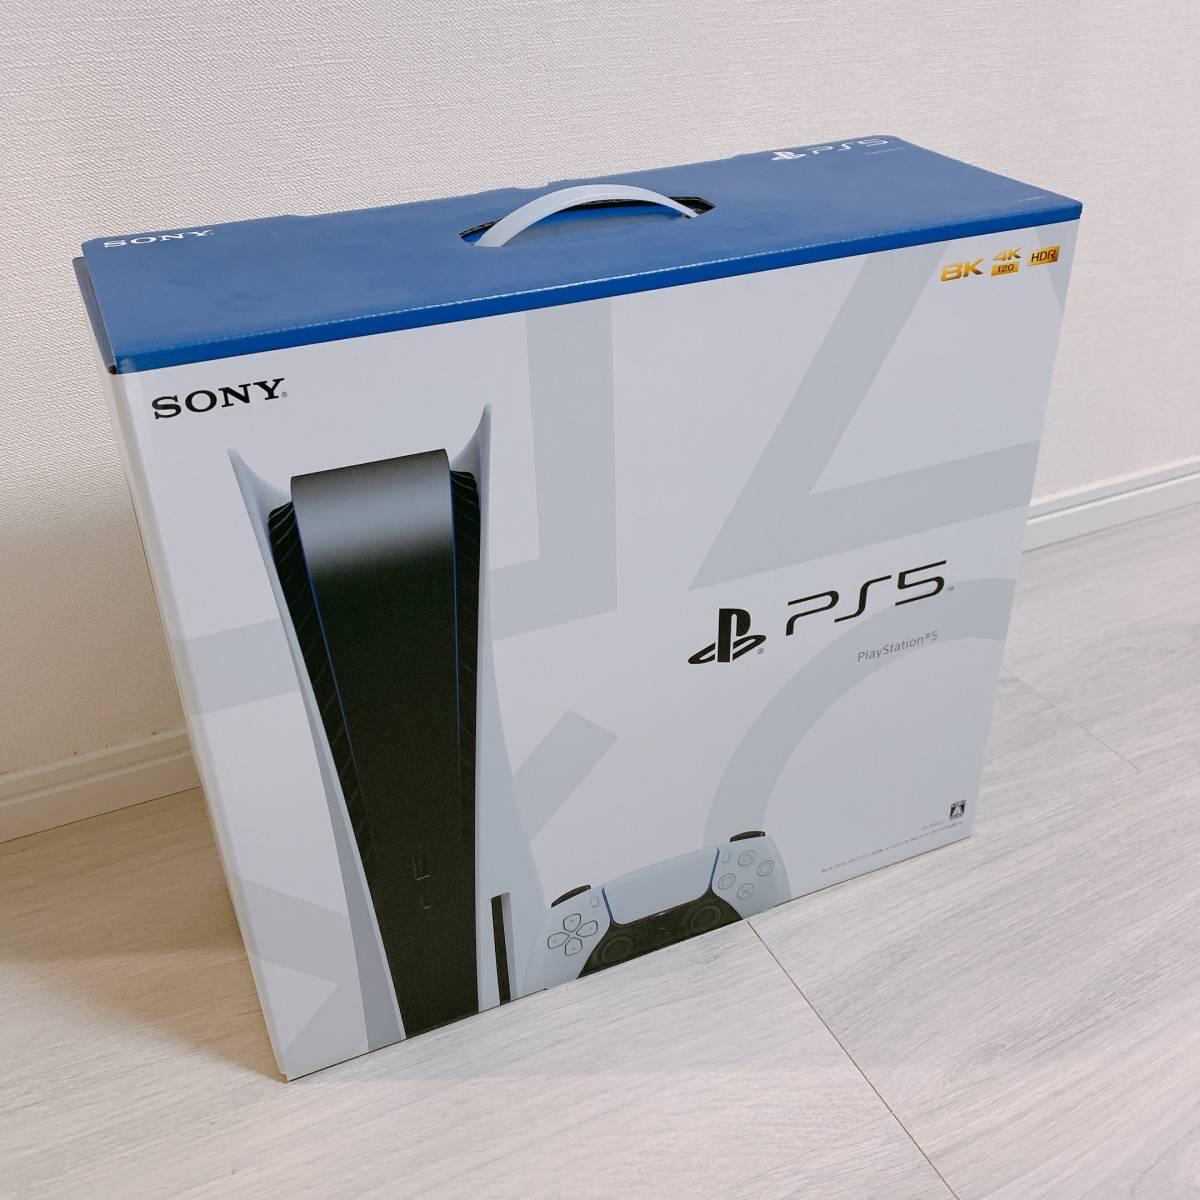 【新品・未開封】sony PlayStation5 本体 PS5CFI-1000A01ディスクドライブ搭載モデル